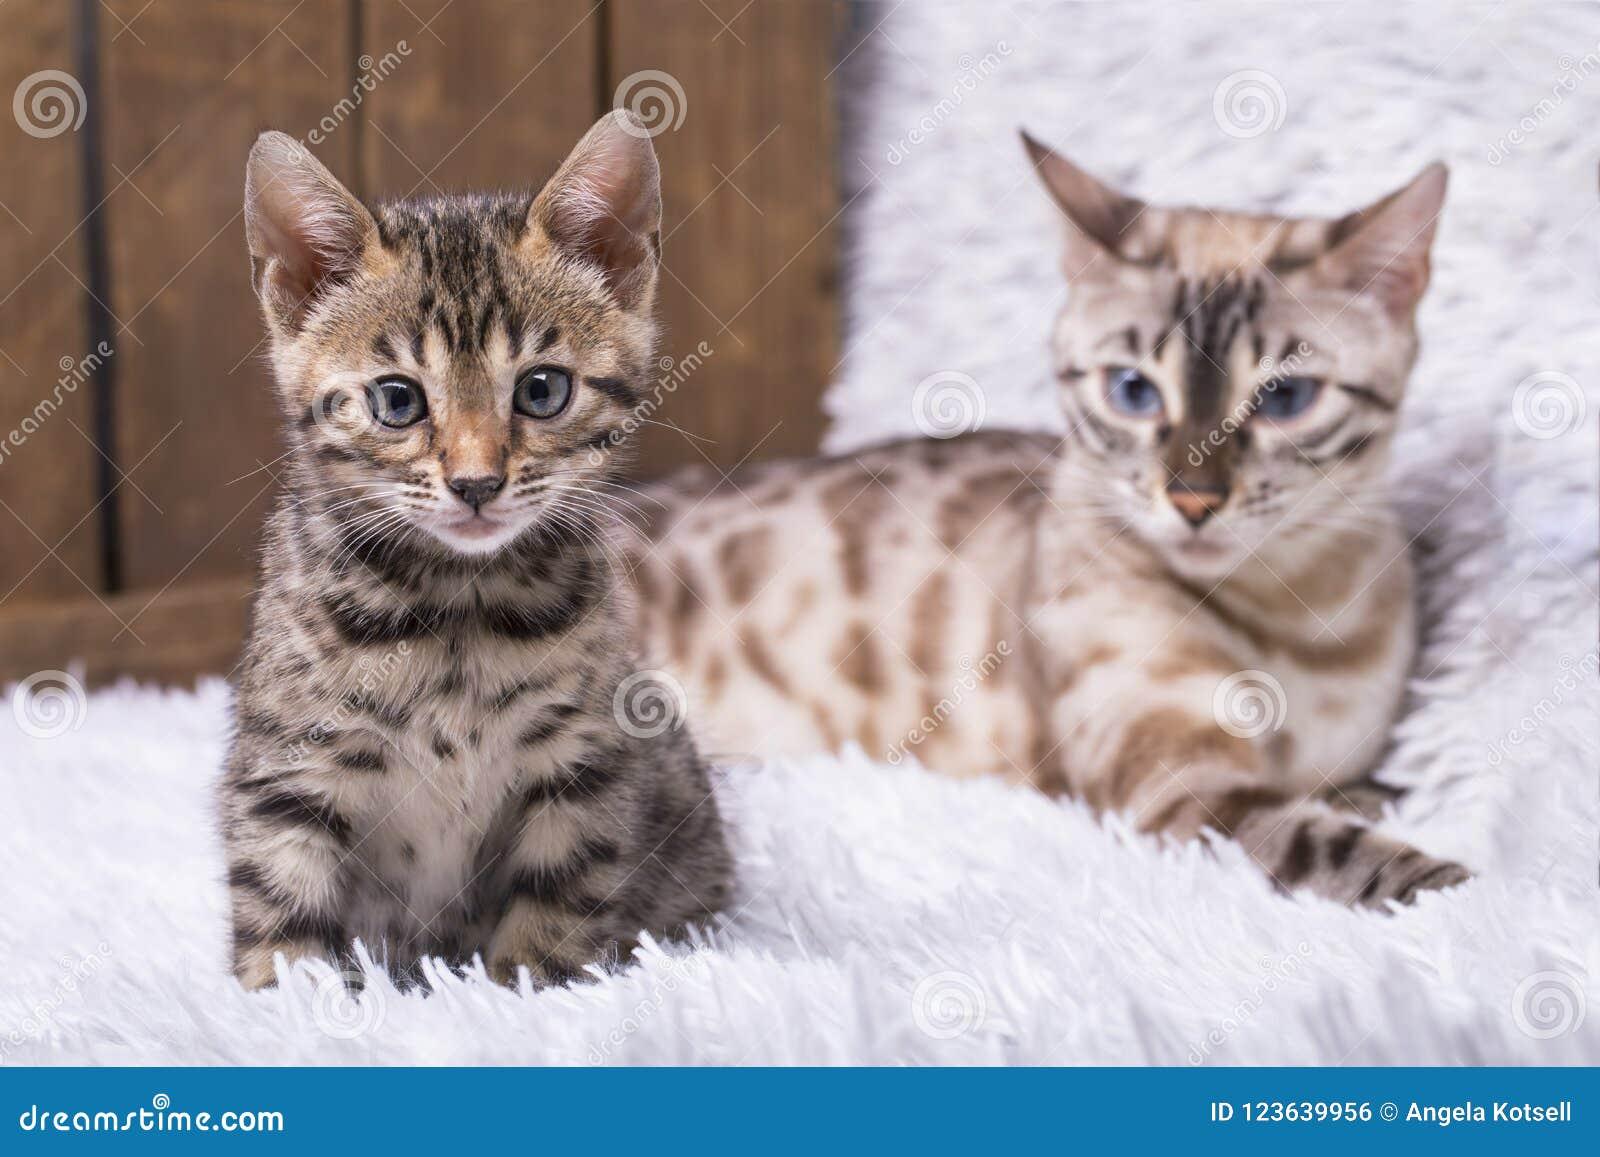 Madre del gato de Bengala de la nieve con su gatito viejo de nueve semanas